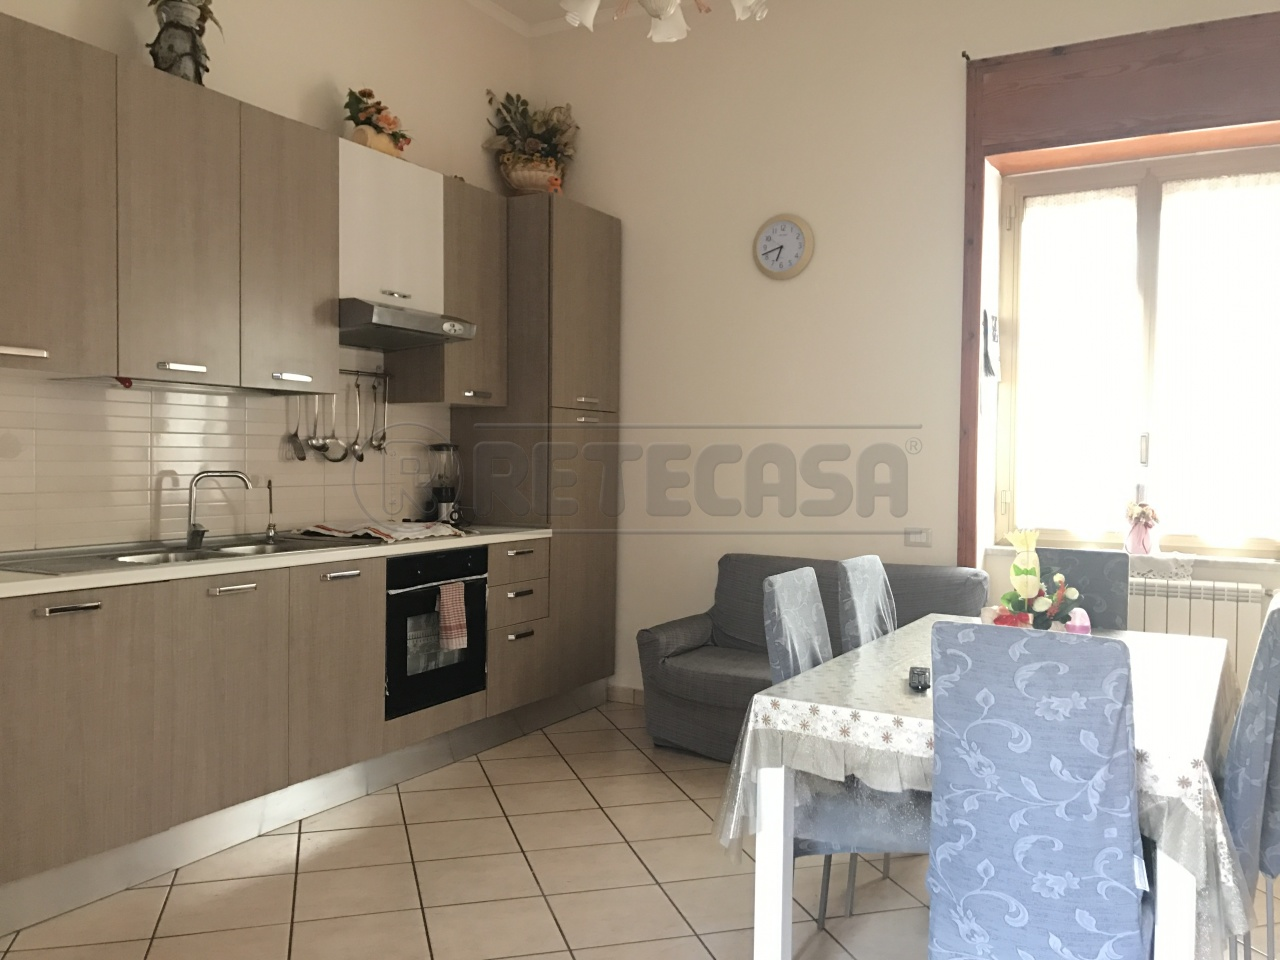 Appartamento in vendita a Siano, 2 locali, prezzo € 80.000 | Cambio Casa.it